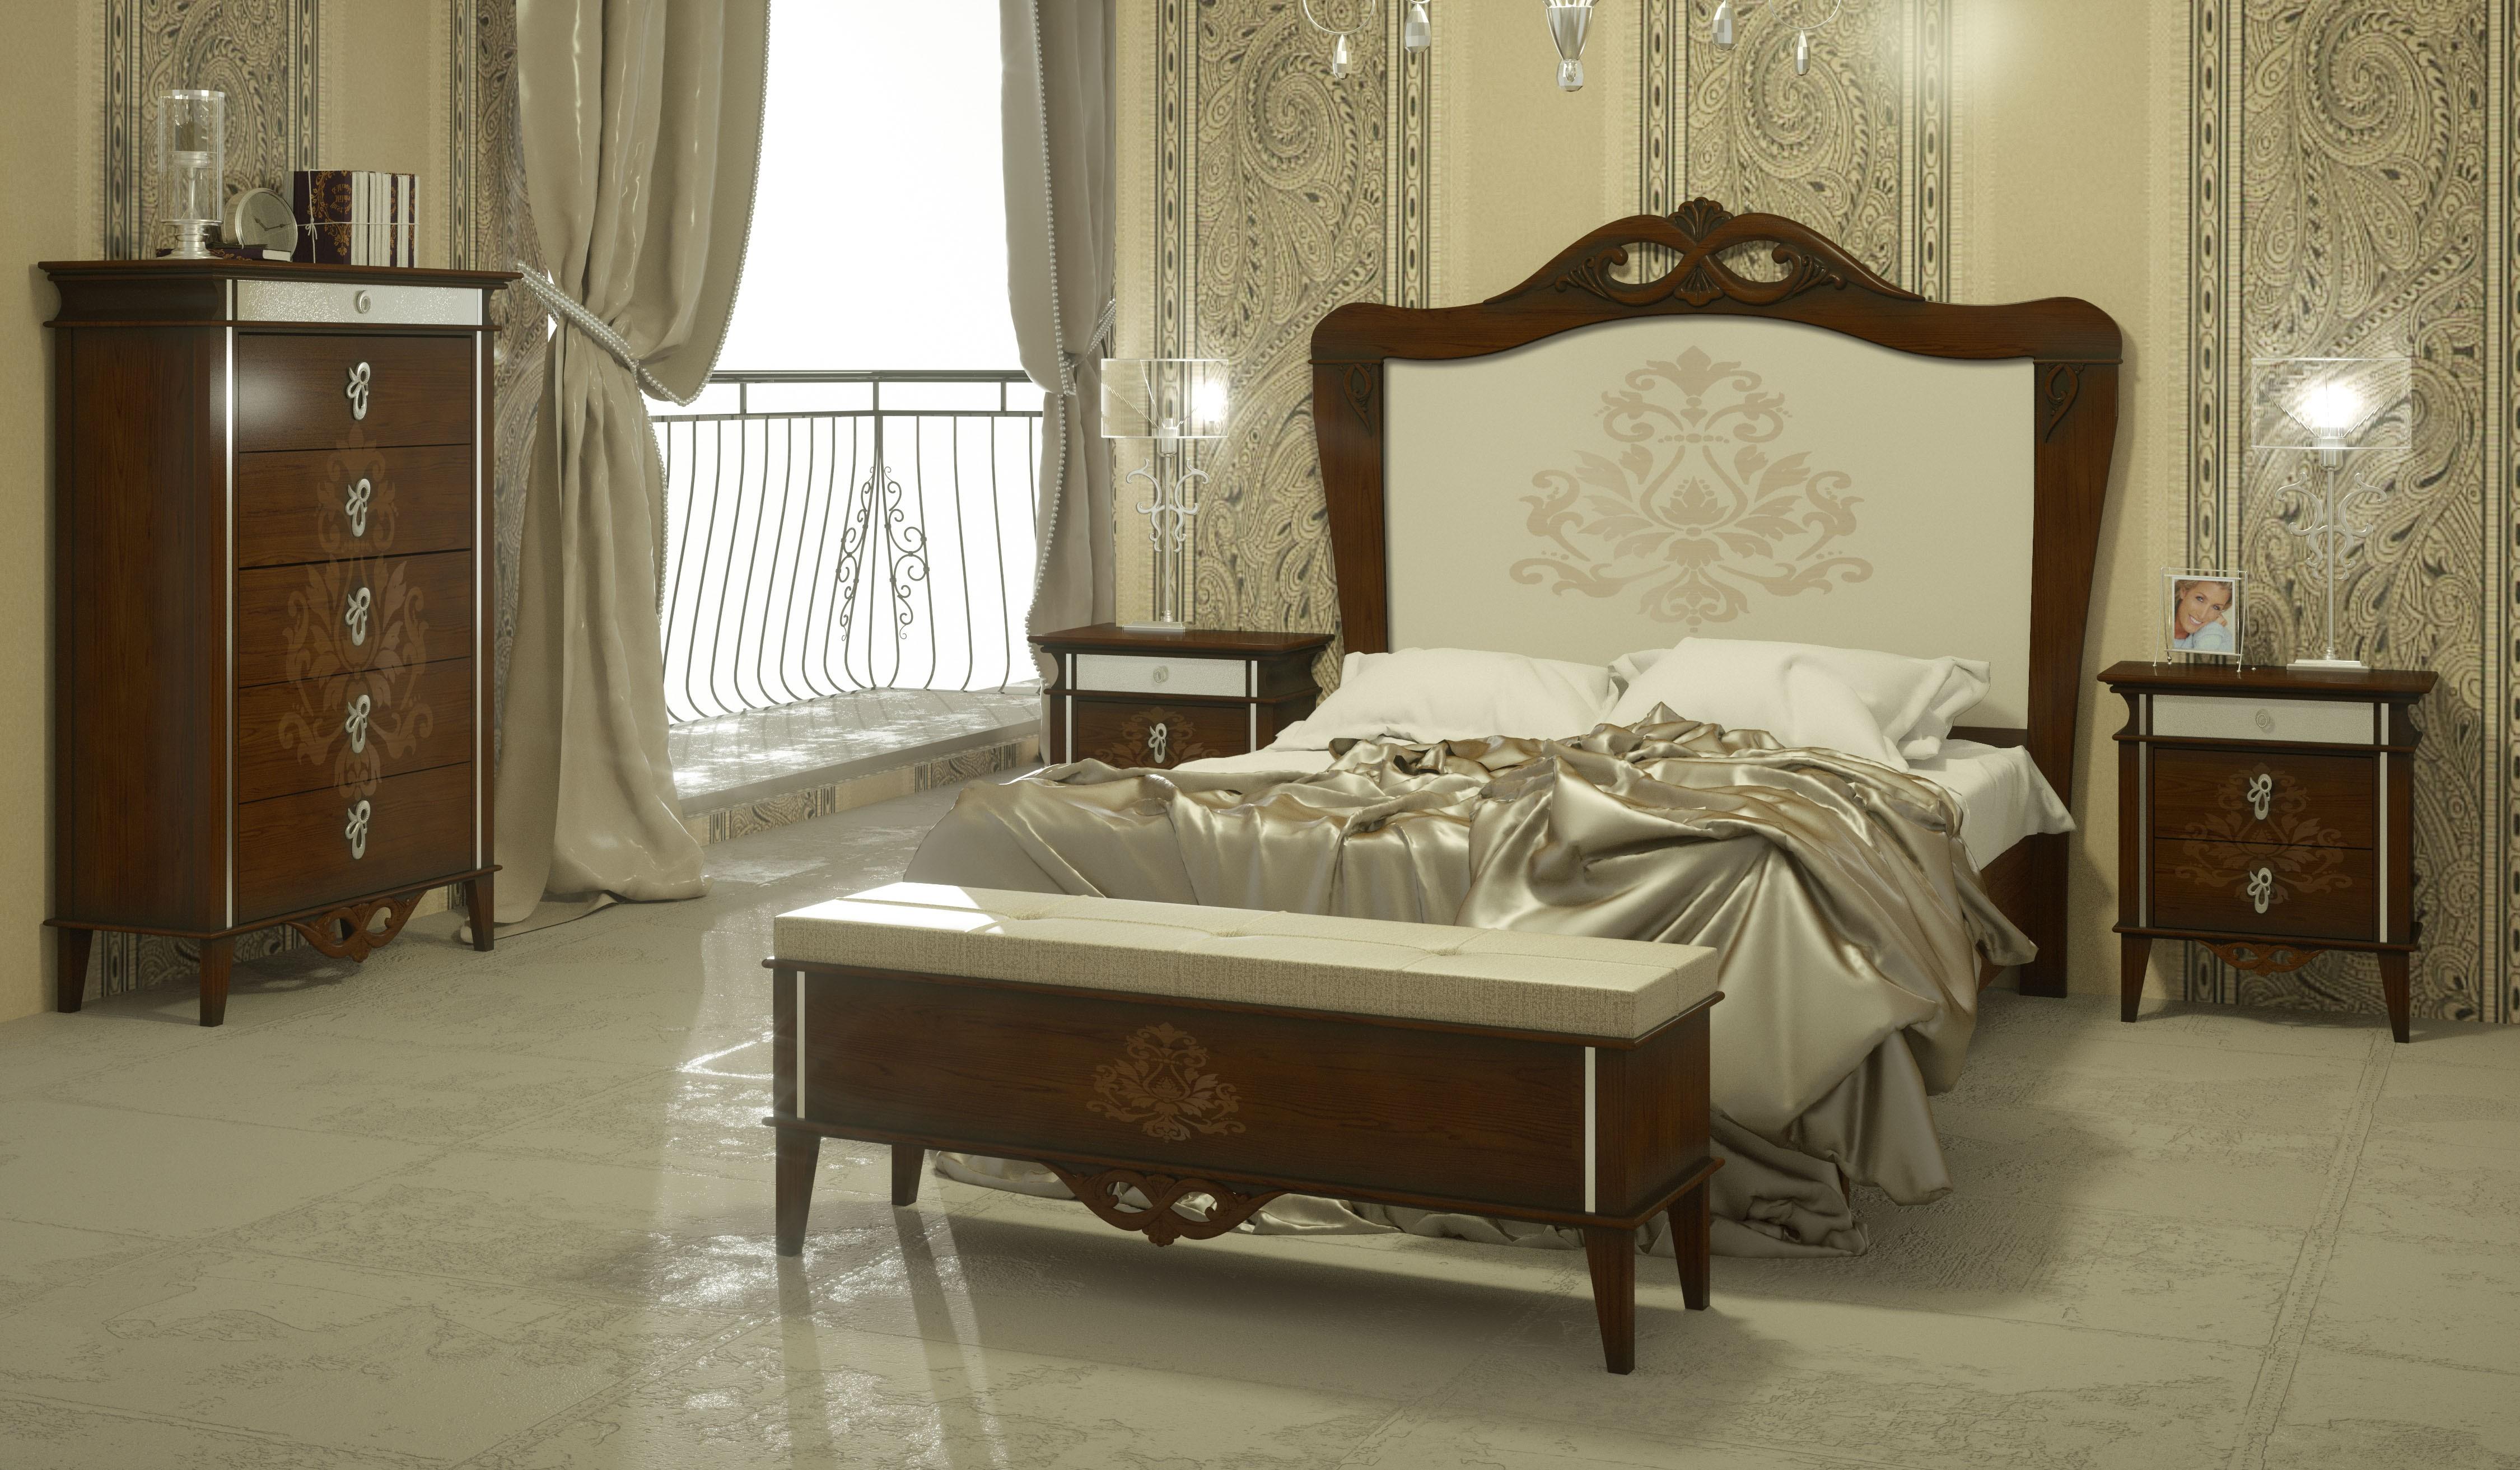 Neocl Sicos Dormitorios Muebles # Muebles Neoclasicos